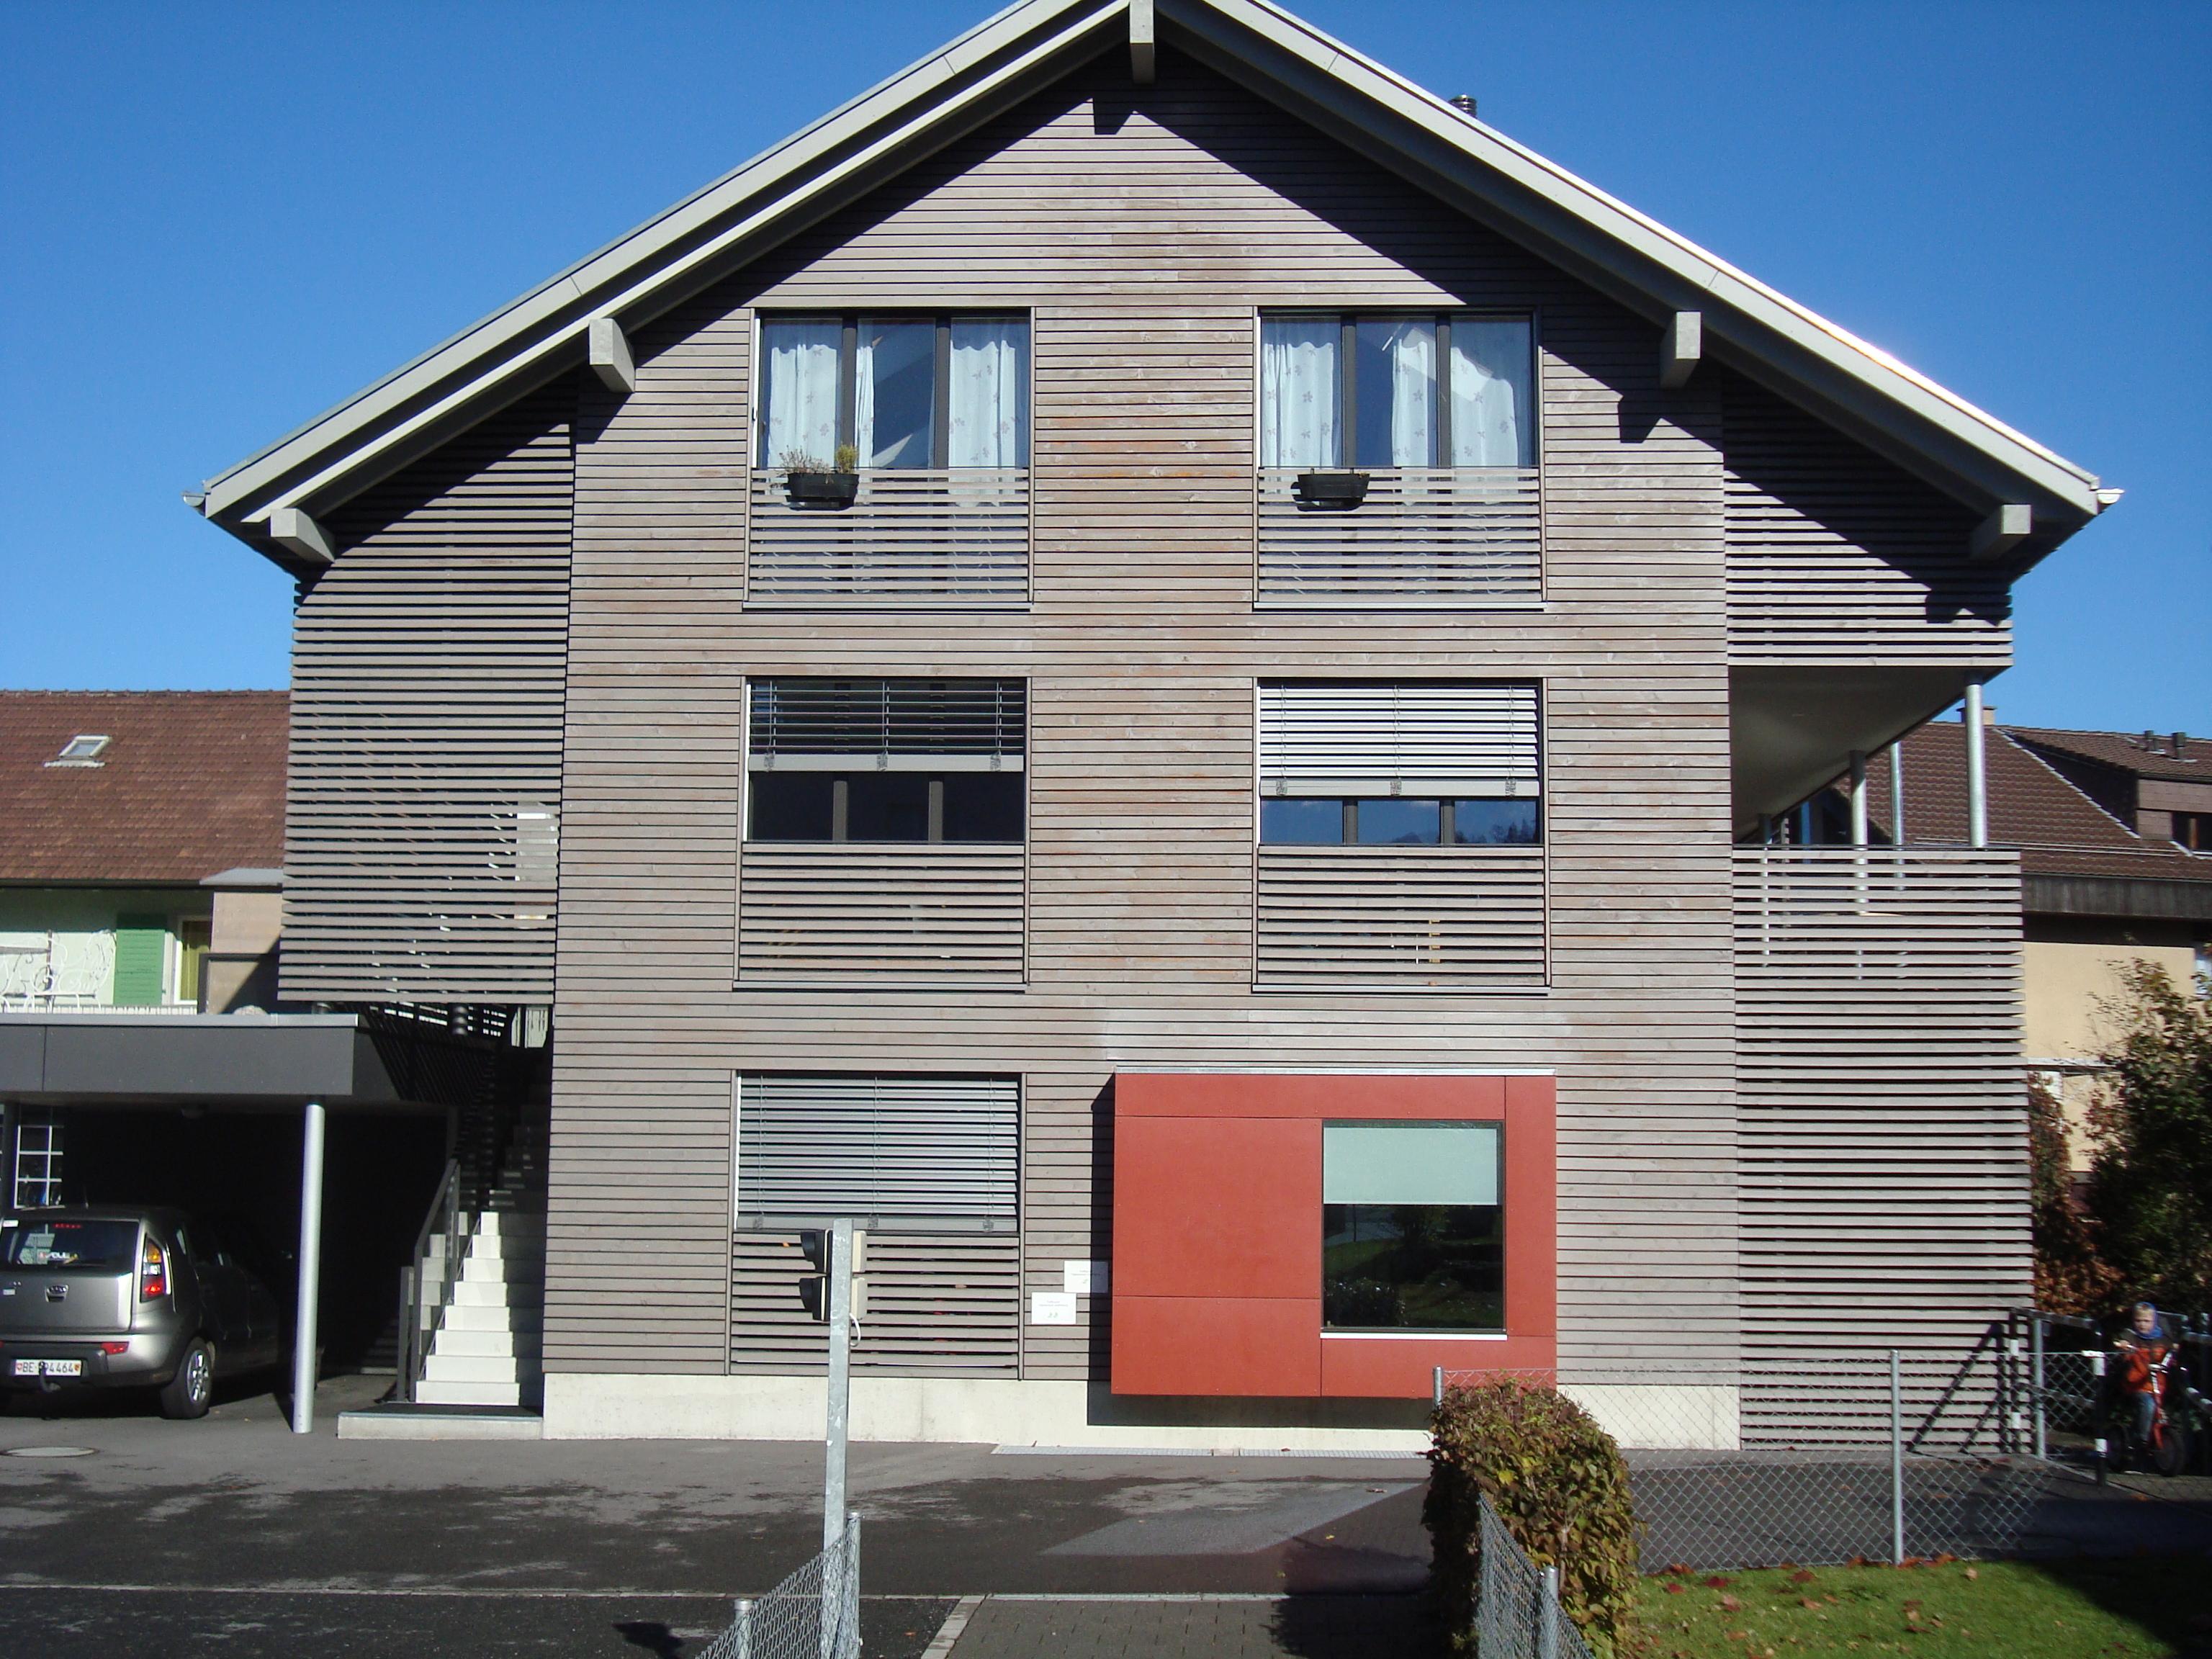 Maison en coproprieté | Suisse